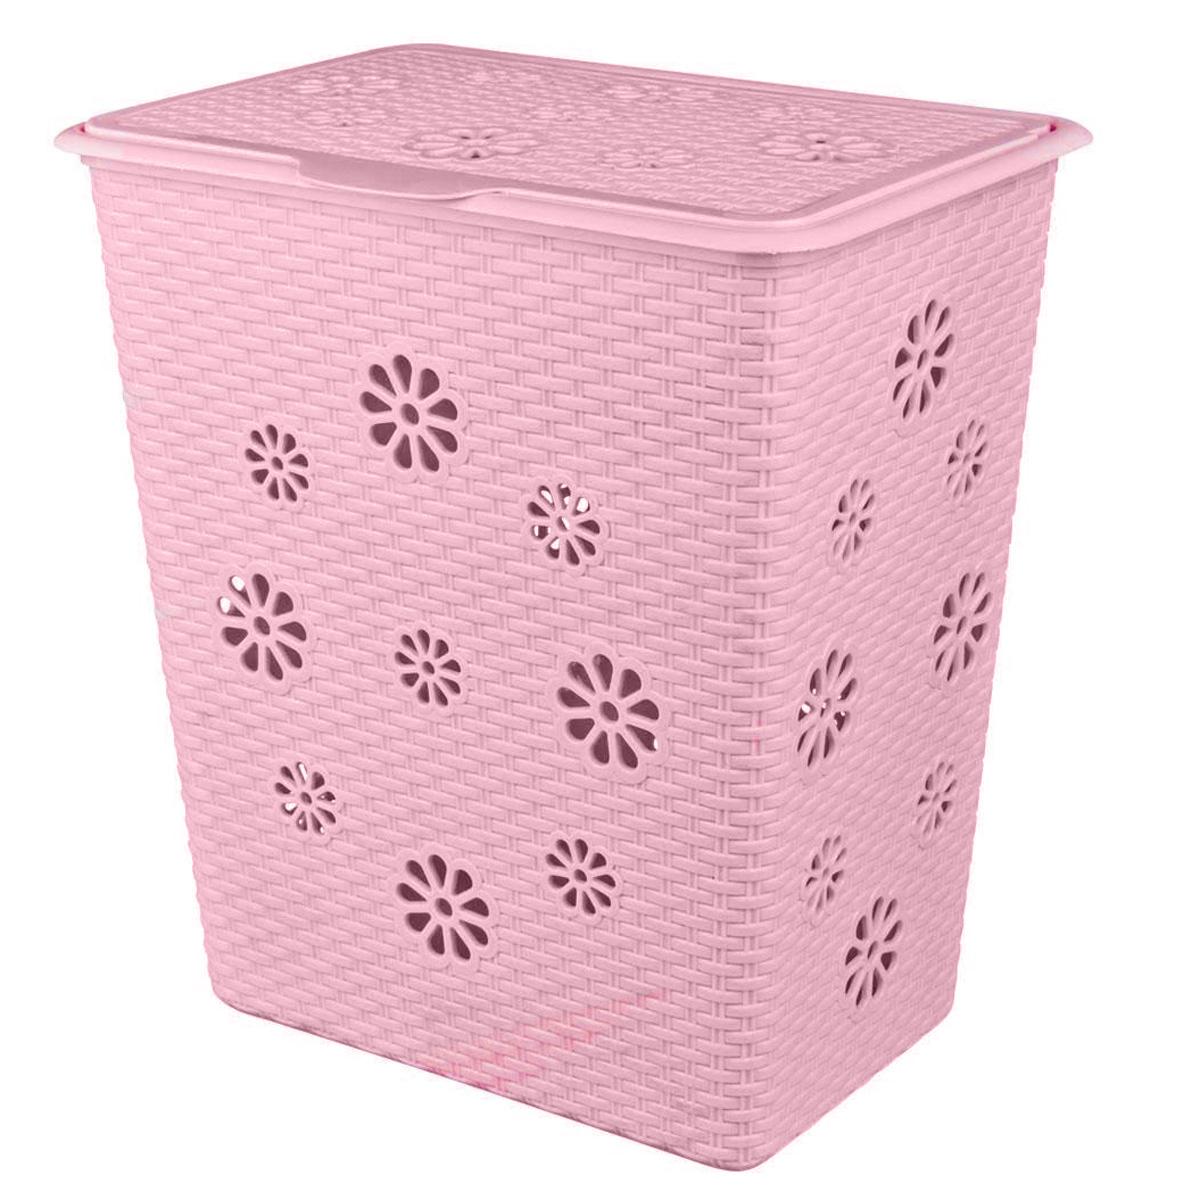 Корзина для белья Альтернатива Плетенка, цвет: розовый, 60 лМ2253Легкая и удобная корзина Альтернатива Плетенка прямоугольной формы изготовлена из пластика. Она отлично подойдет для хранения белья перед стиркой. Корзина, имитированная под плетение и декорированная небольшими отверстиями в форме цветов, скрывает содержимое от посторонних. Отверстия создают идеальные условия для проветривания. Изделие оснащено крышкой. Такая корзина для белья прекрасно впишется в интерьер ванной комнаты.